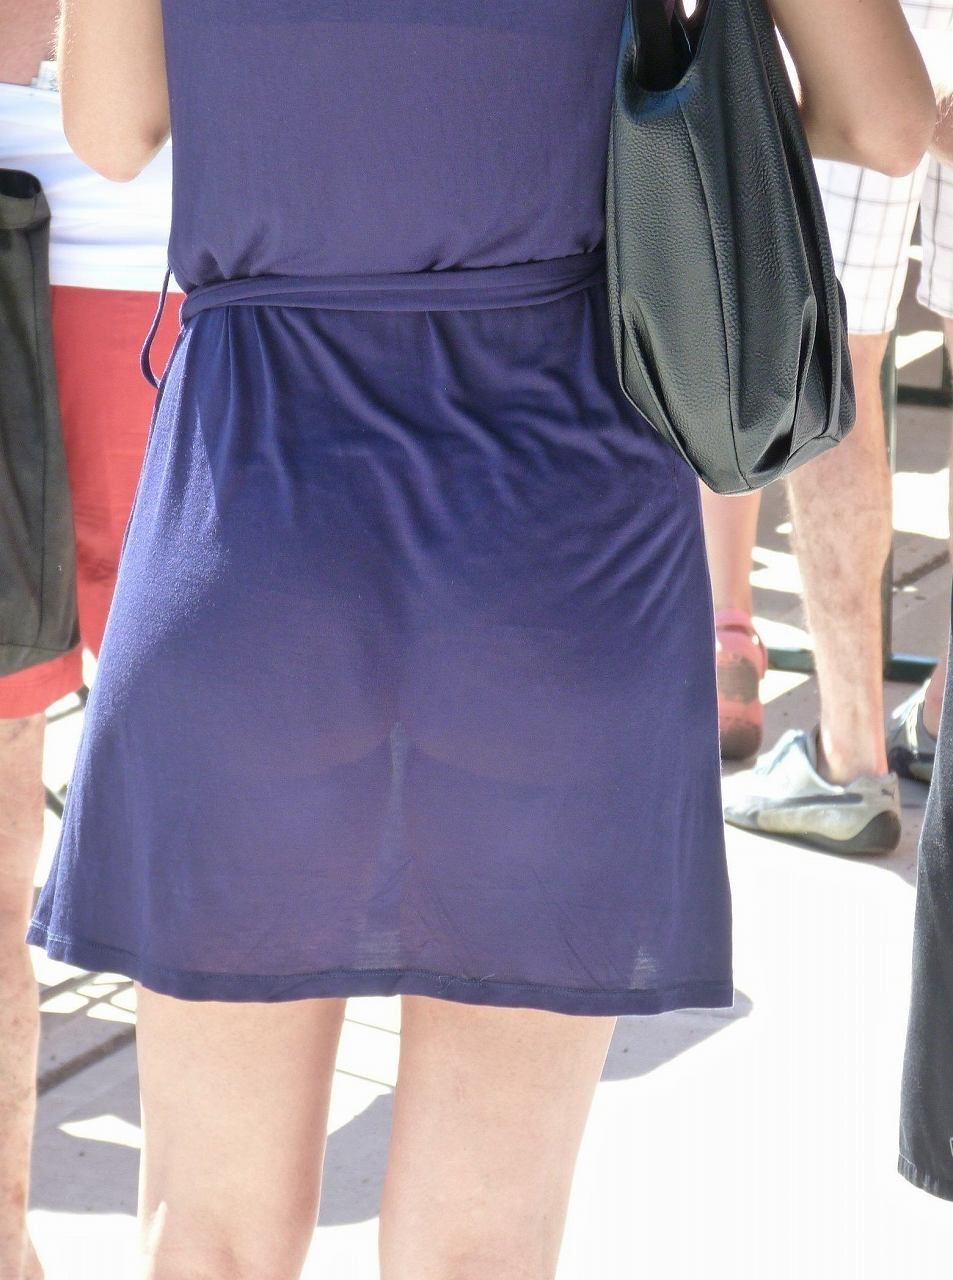 薄いスカートを履いてパンツが透けまくってるお姉さん